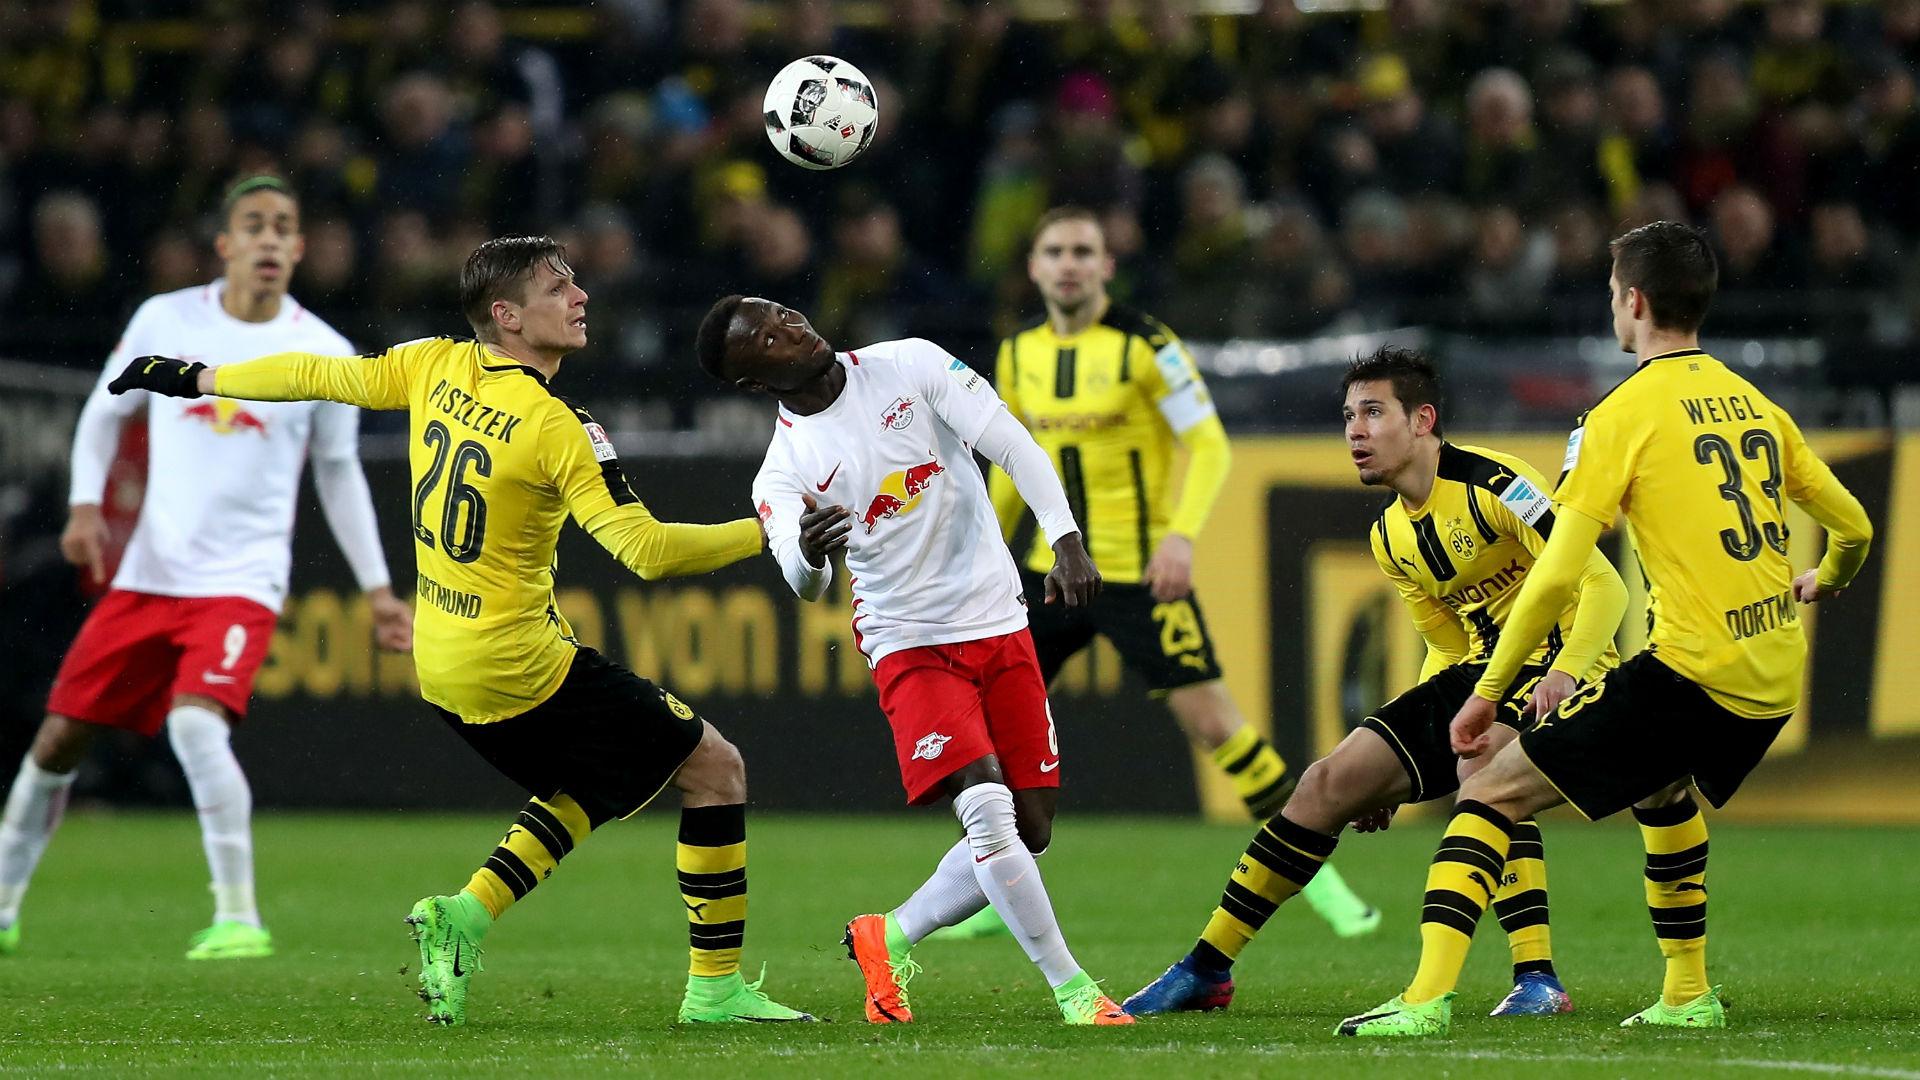 El Bayern no pasa del empate ante el Schalke (1-1) pero aprovecha la derrota del Leipzig en Dortmund (1-0)